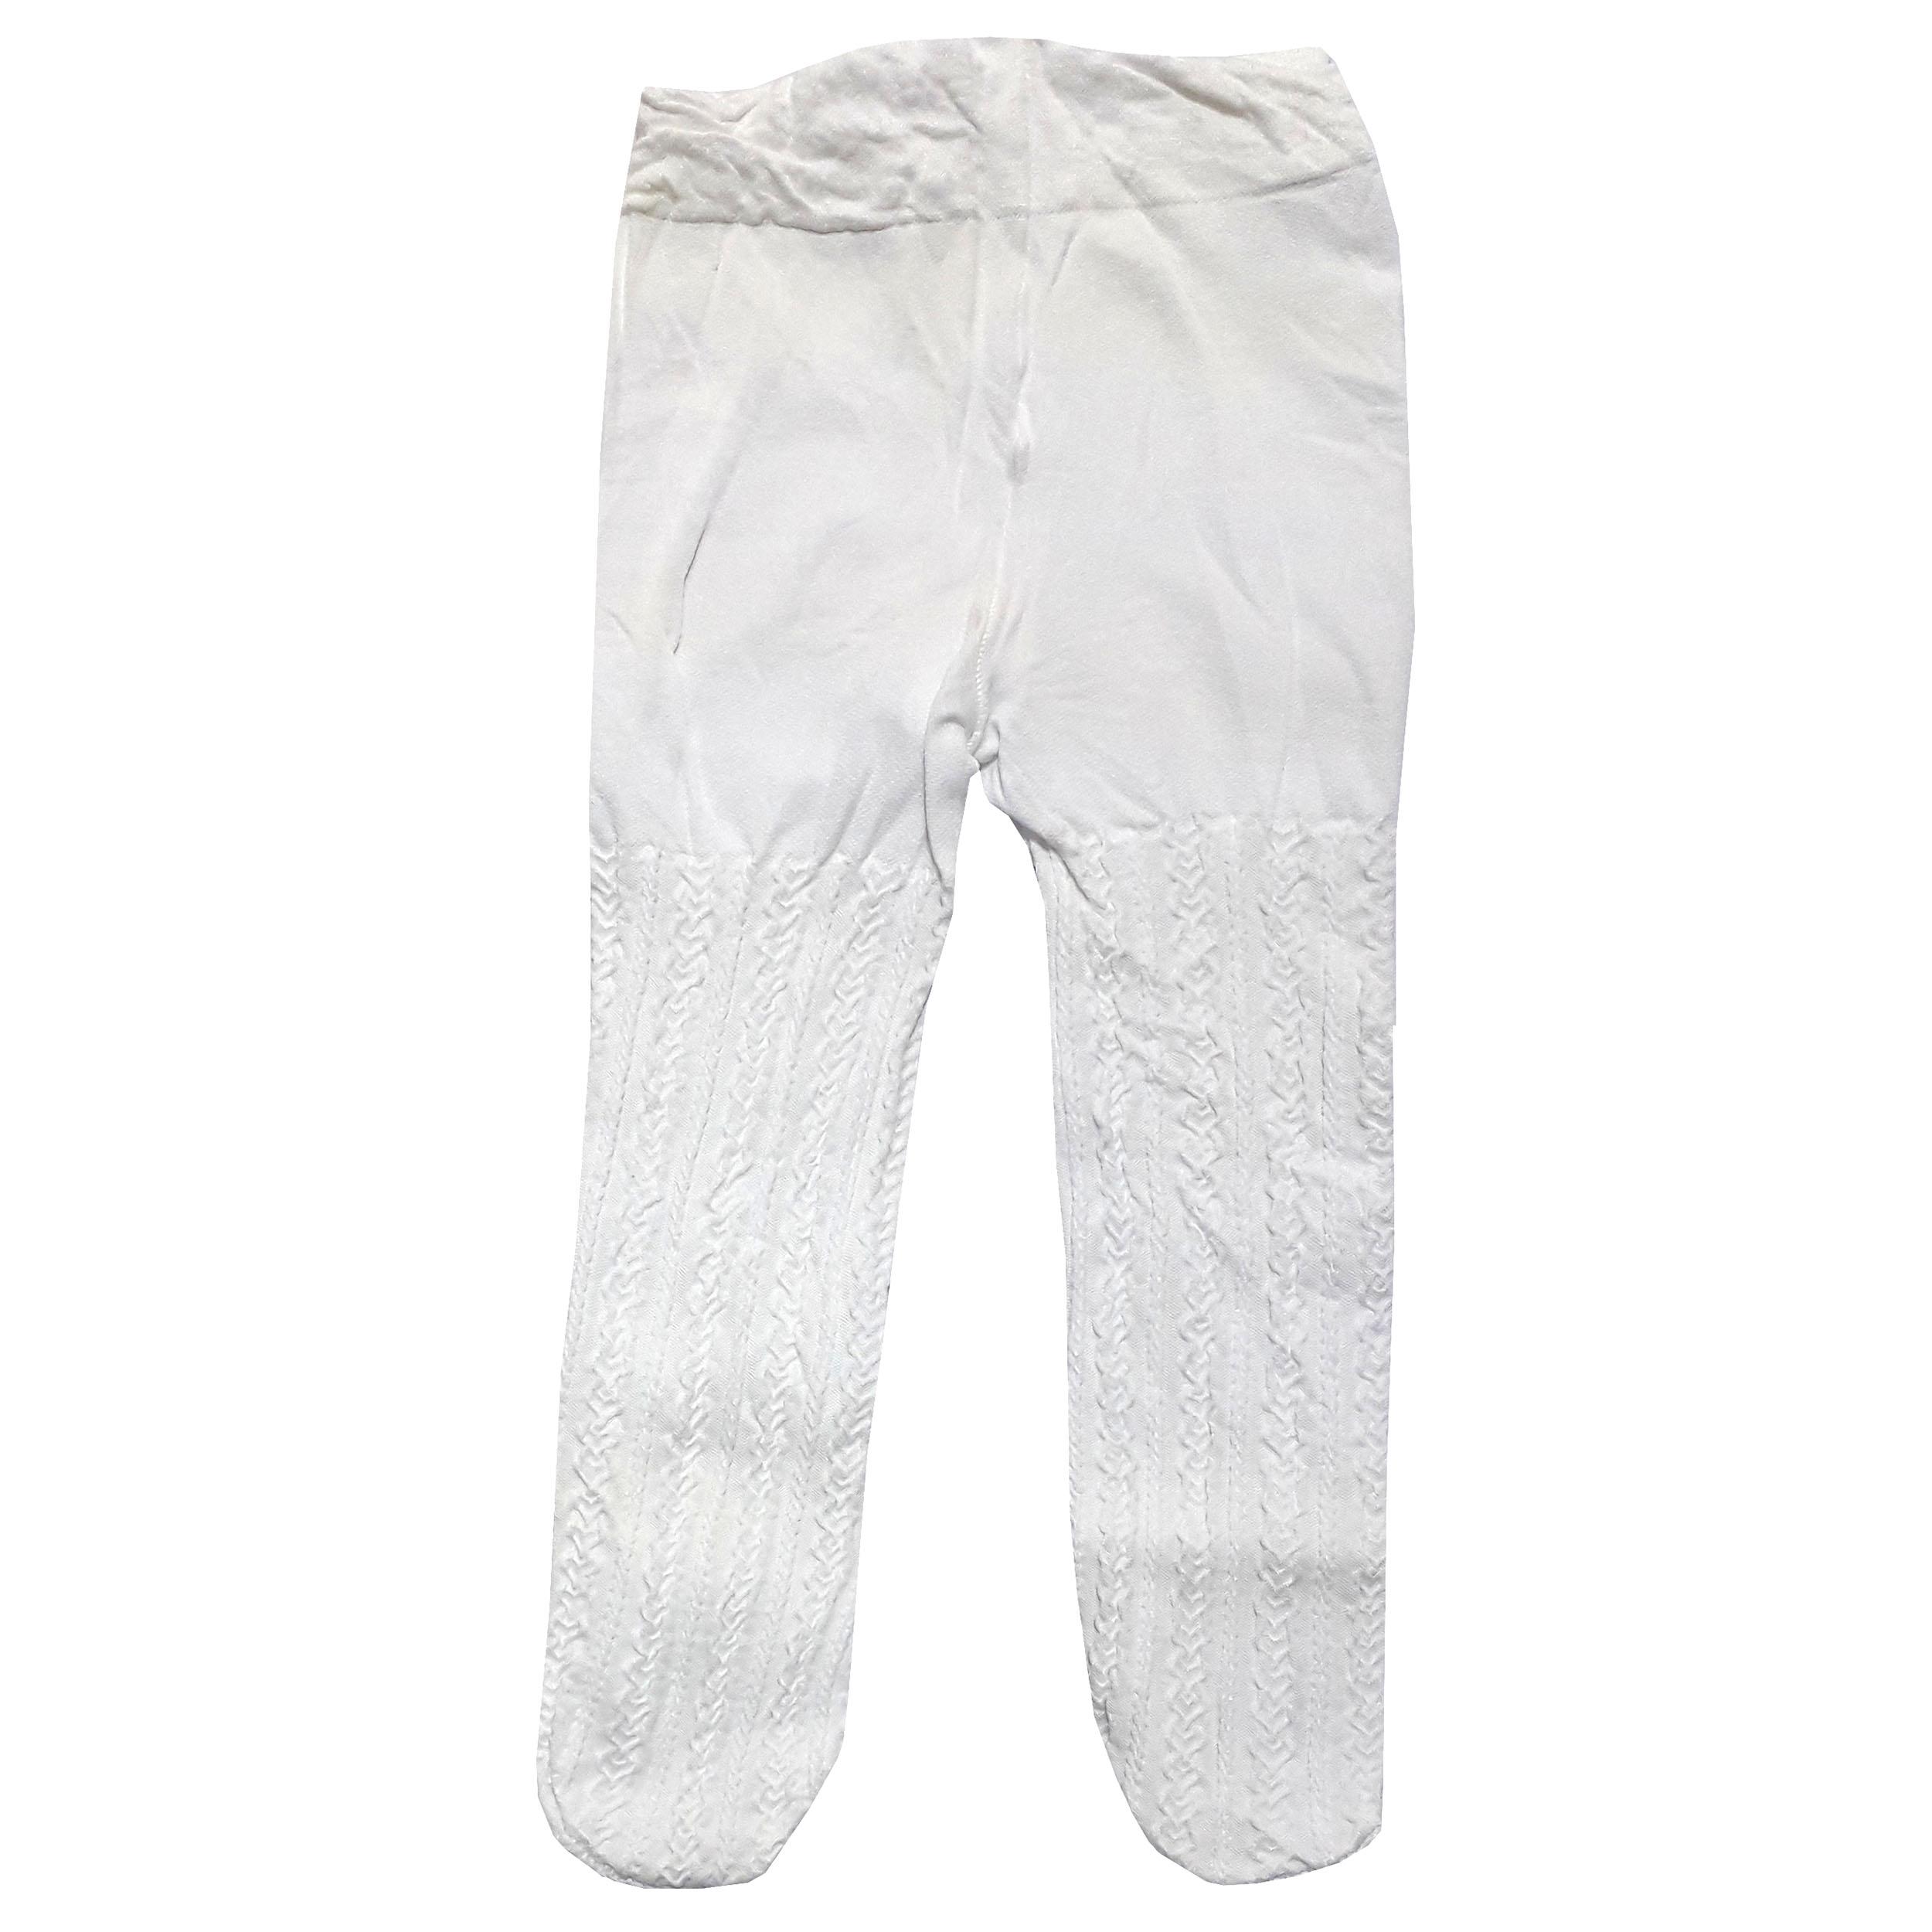 جوراب شلواری دخترانه کد 51